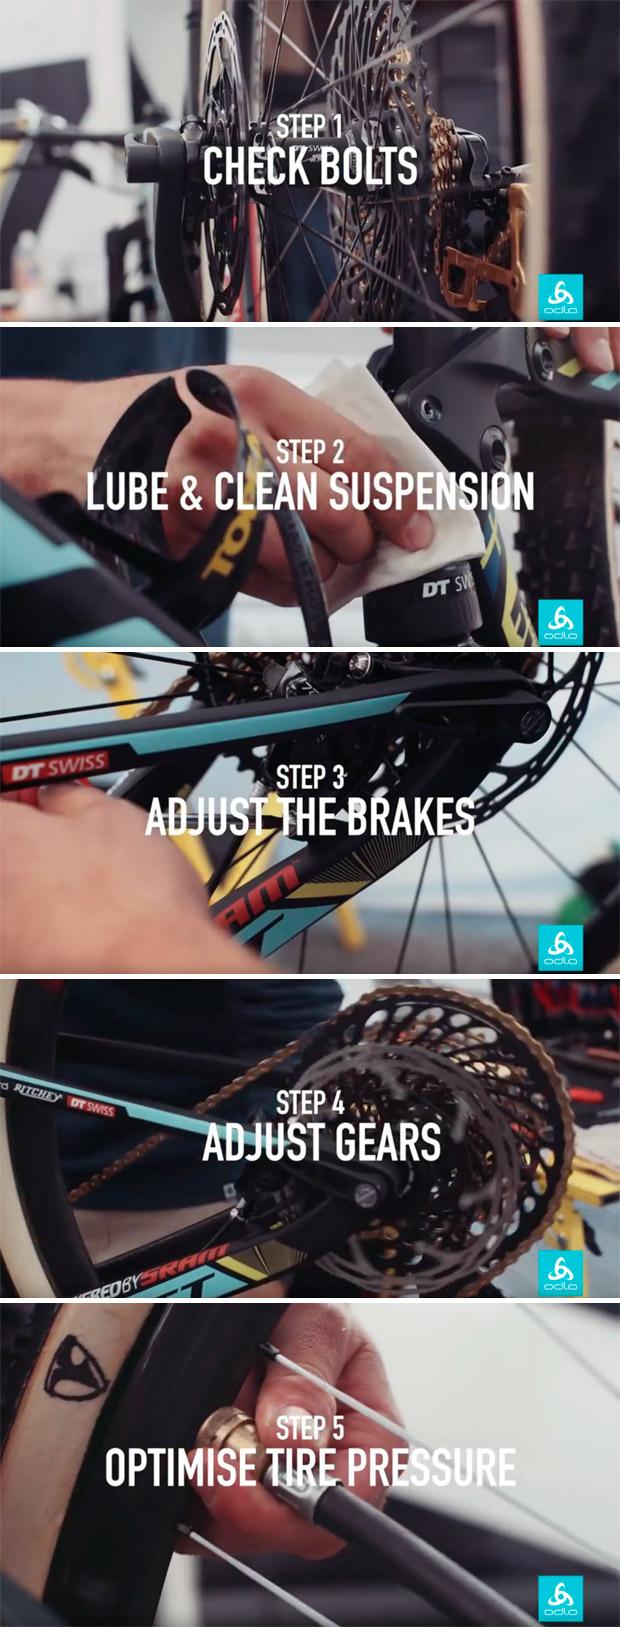 Así se ajusta una bicicleta de competición antes de una carrera